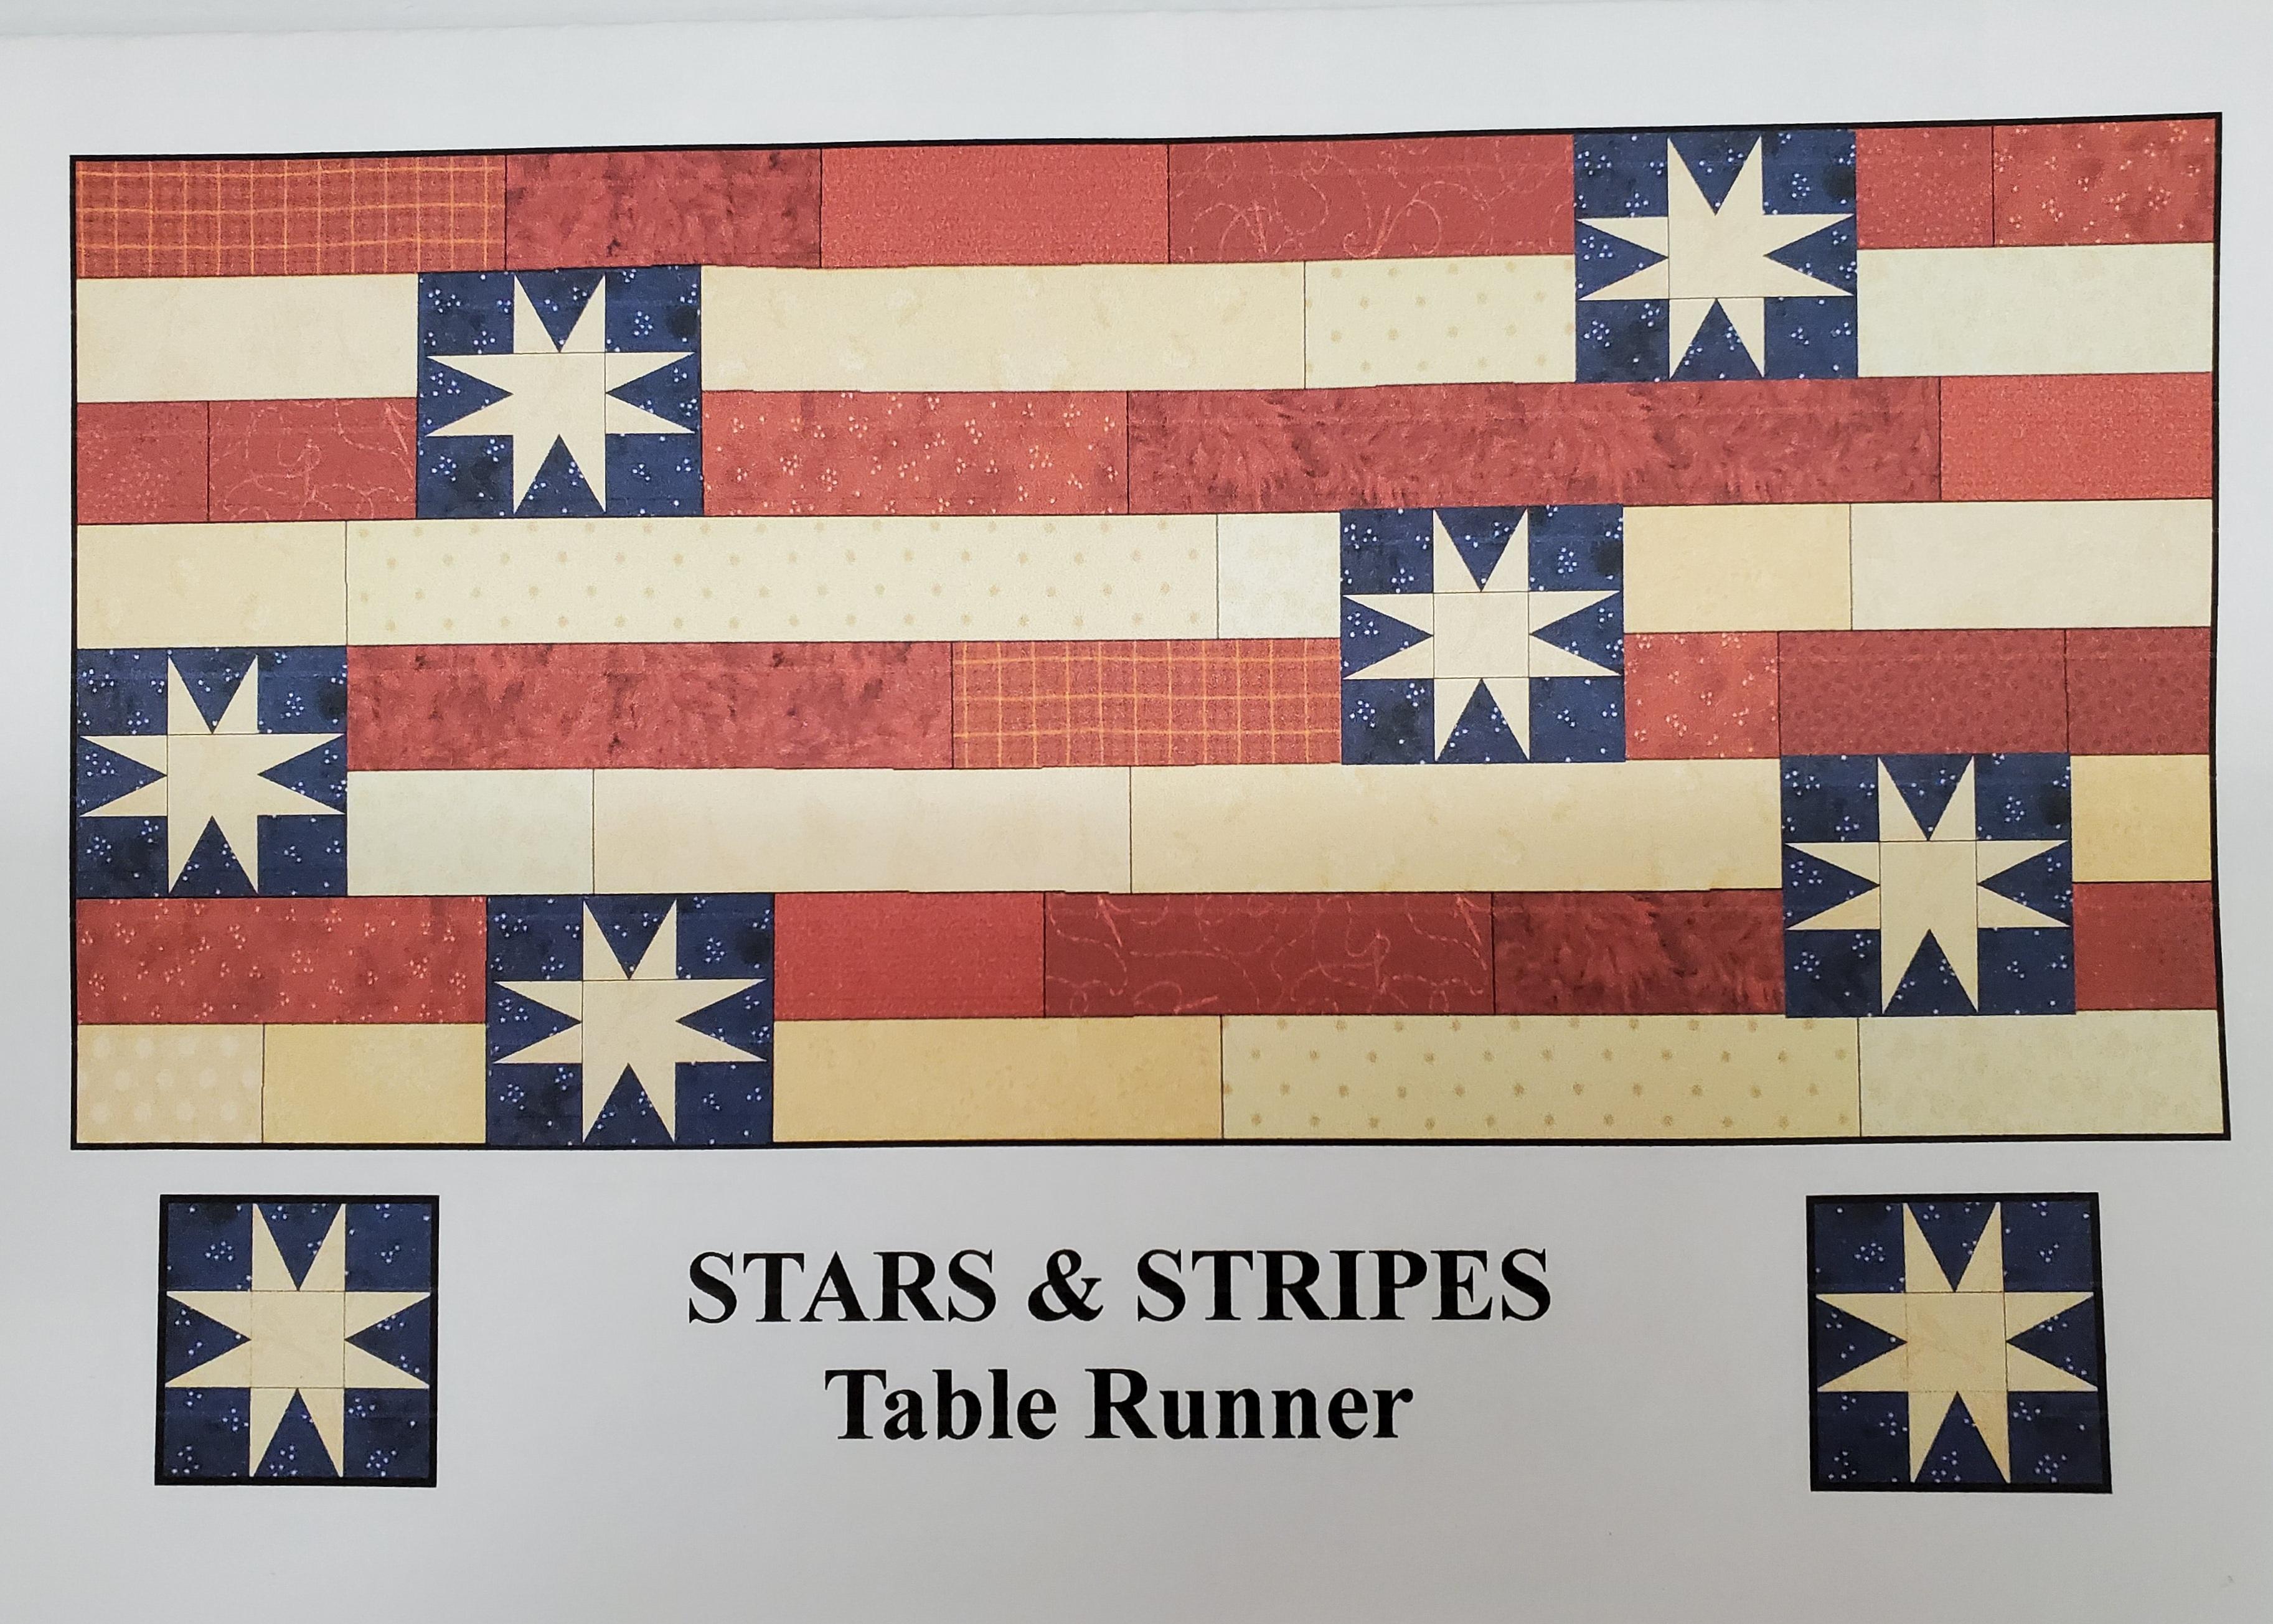 Stars & Stripes Table Runner Pattern